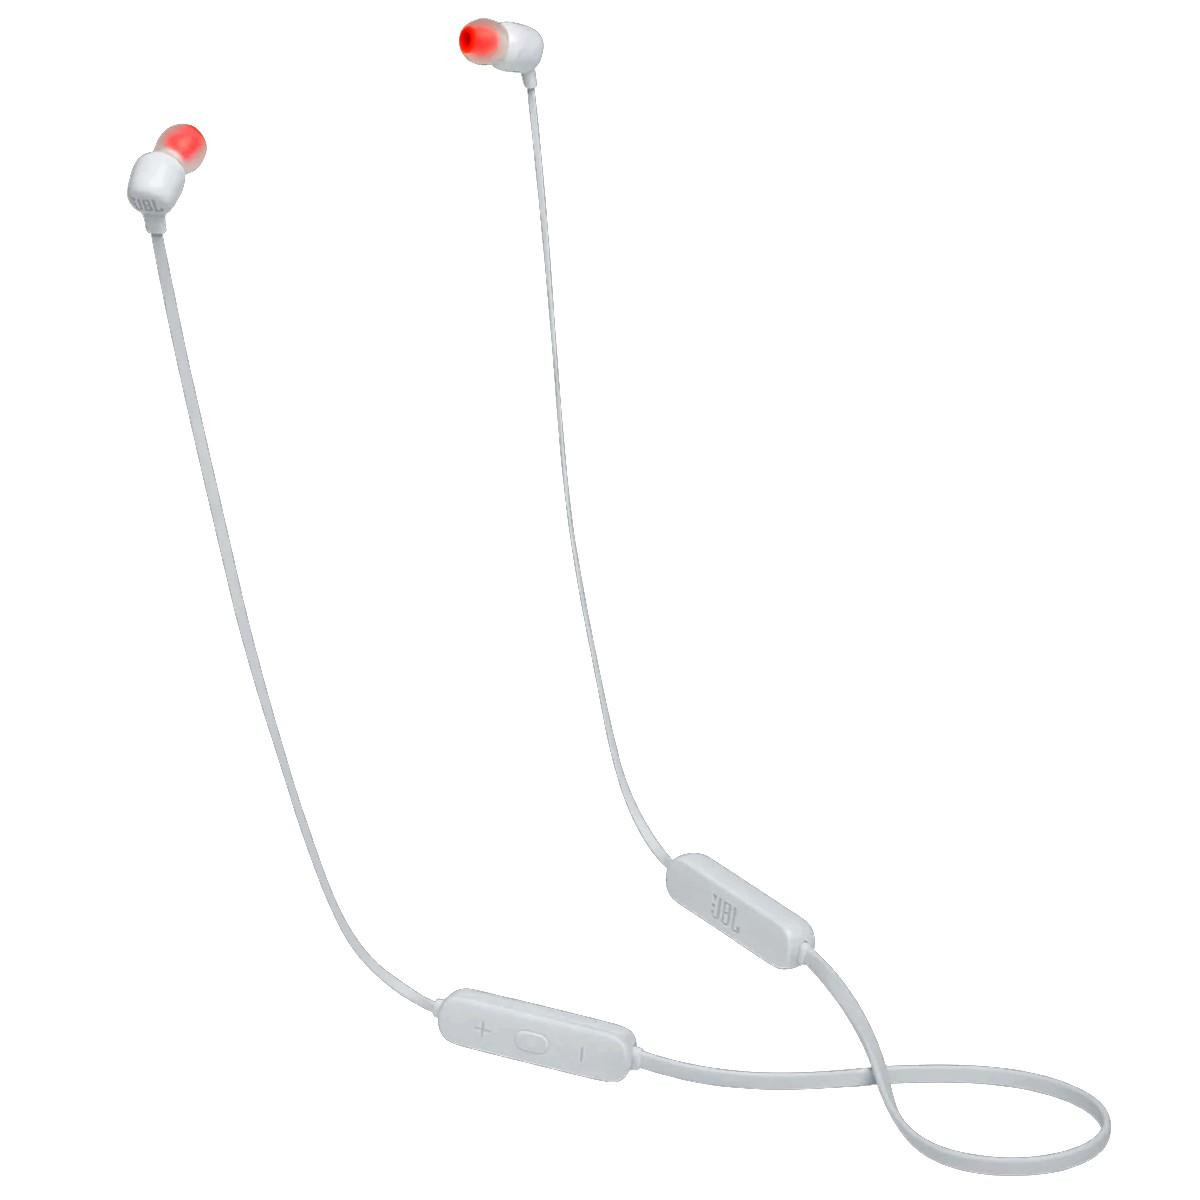 Fone de Ouvido IN EAR JBL T115BT Bluetooth  28913188  Branco